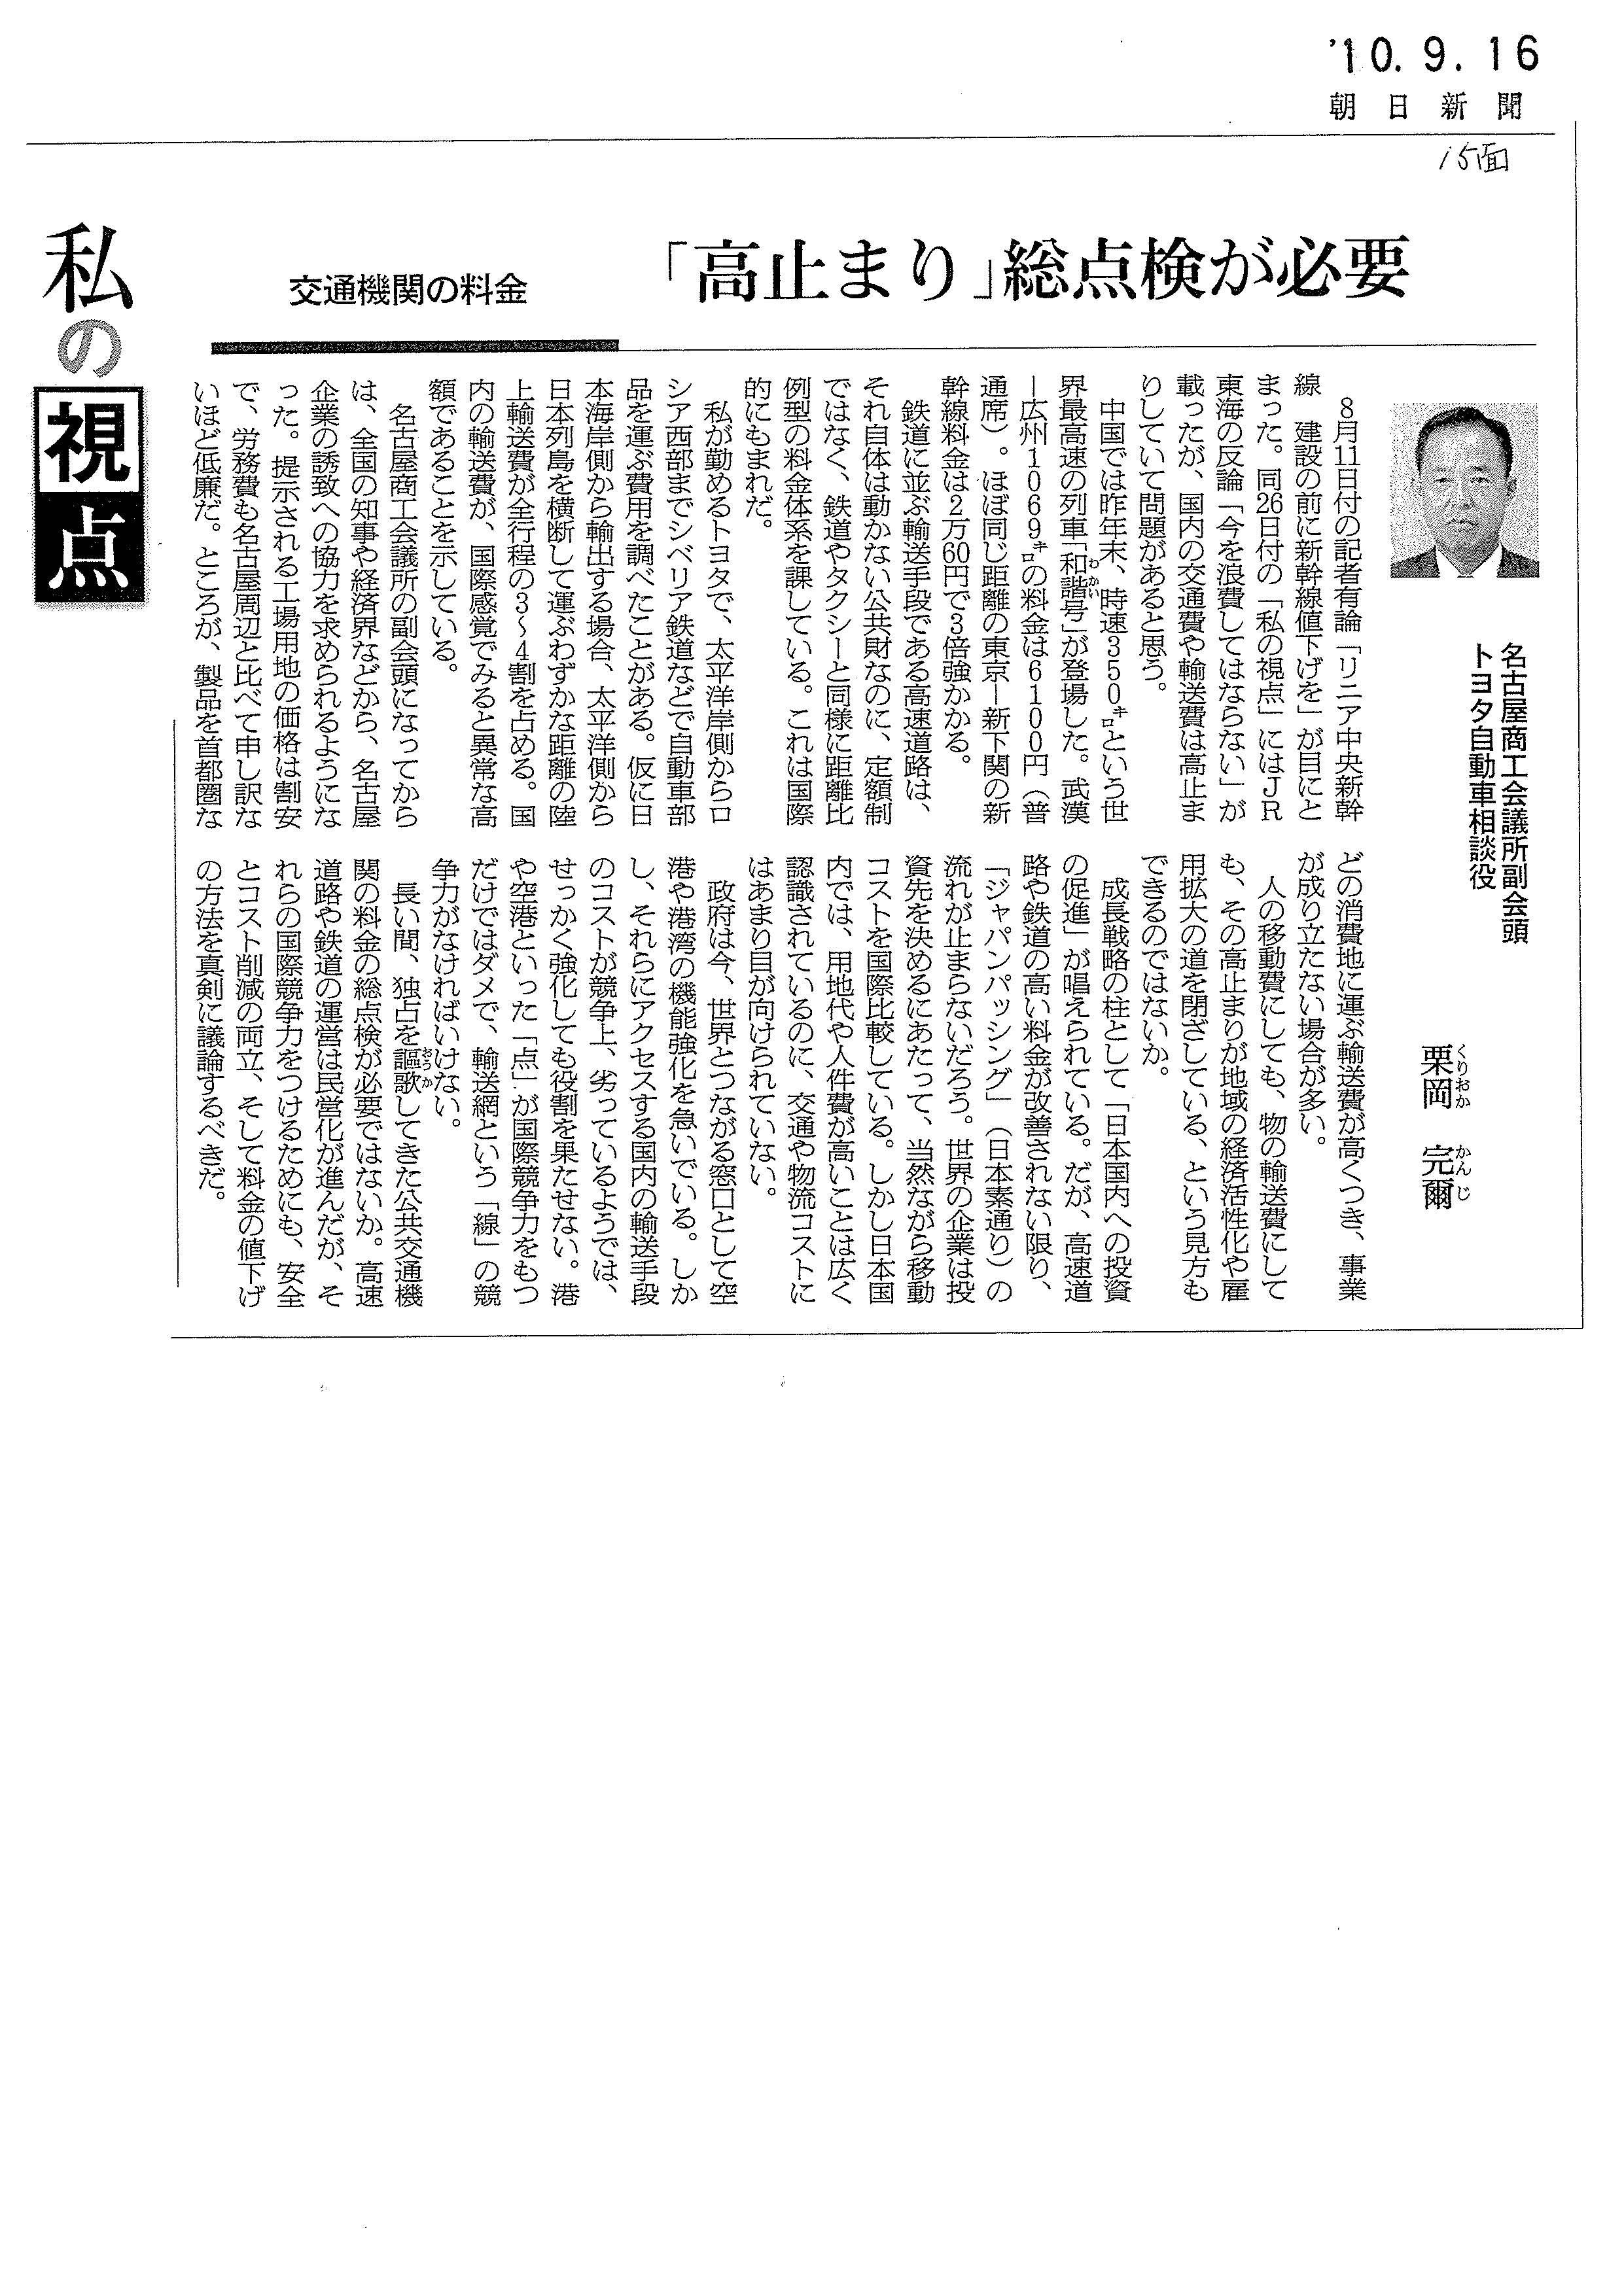 asahi20100916.jpg